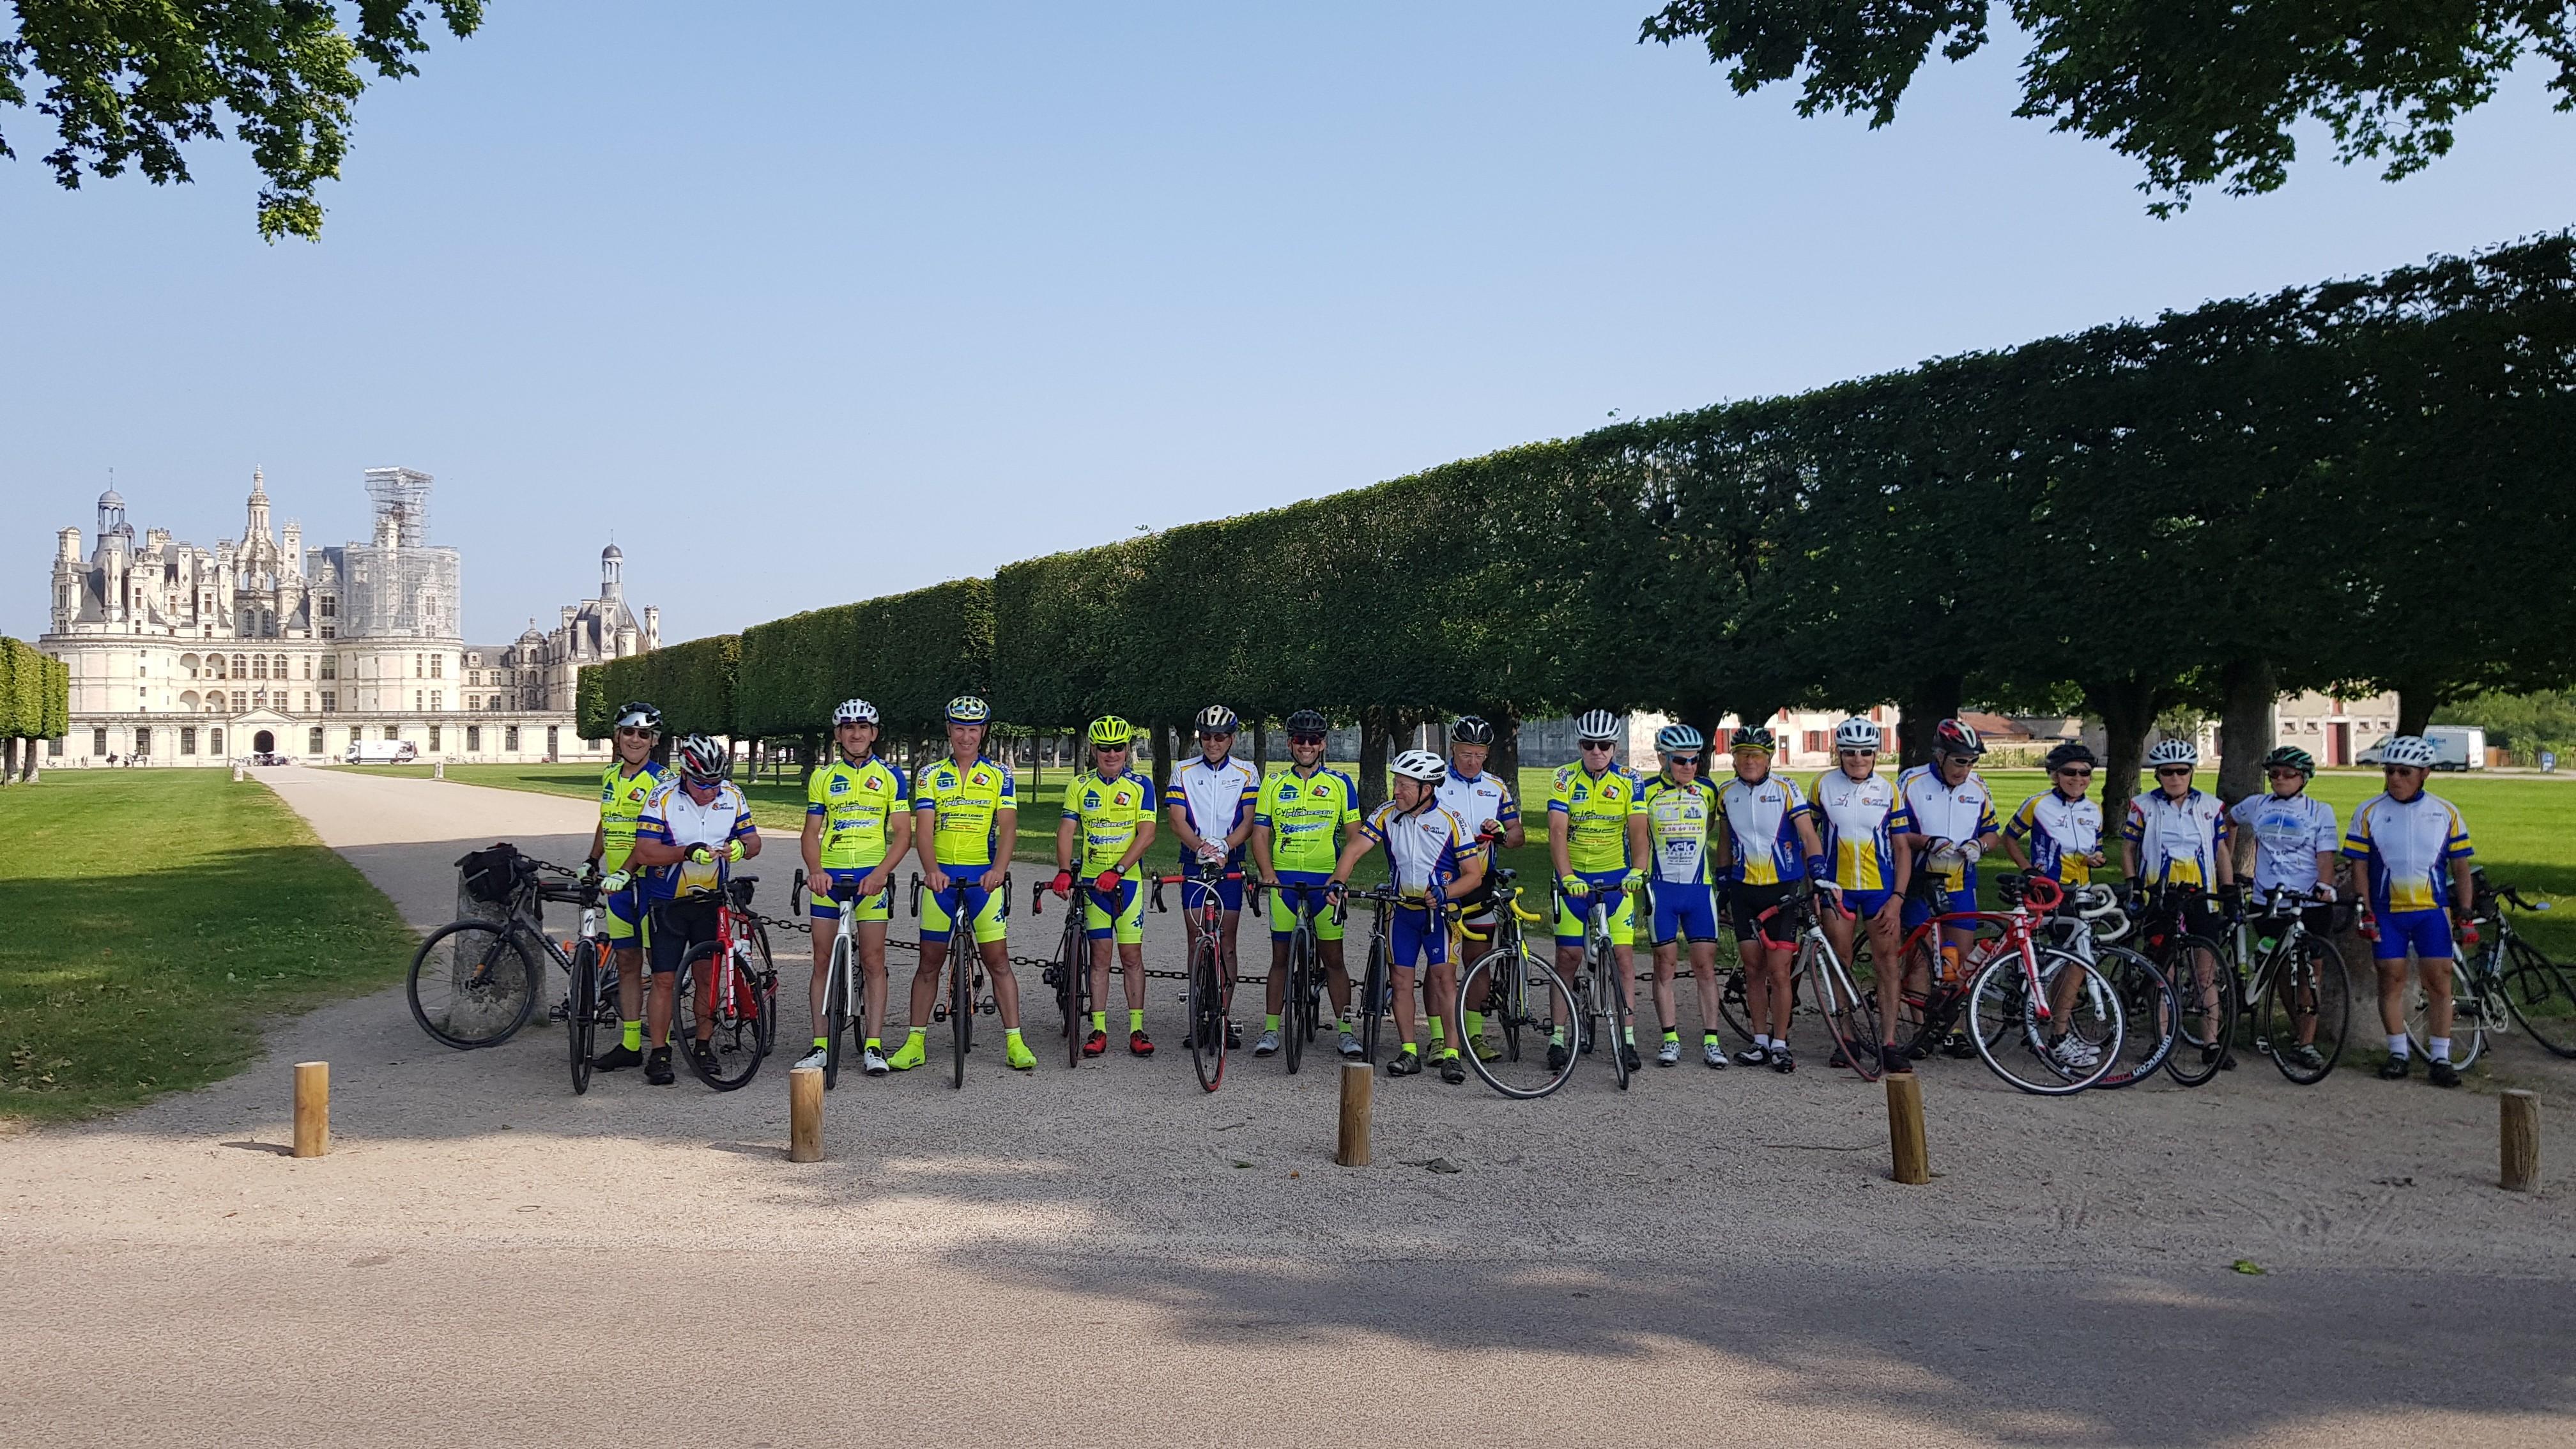 Arret devant le château de Chambord